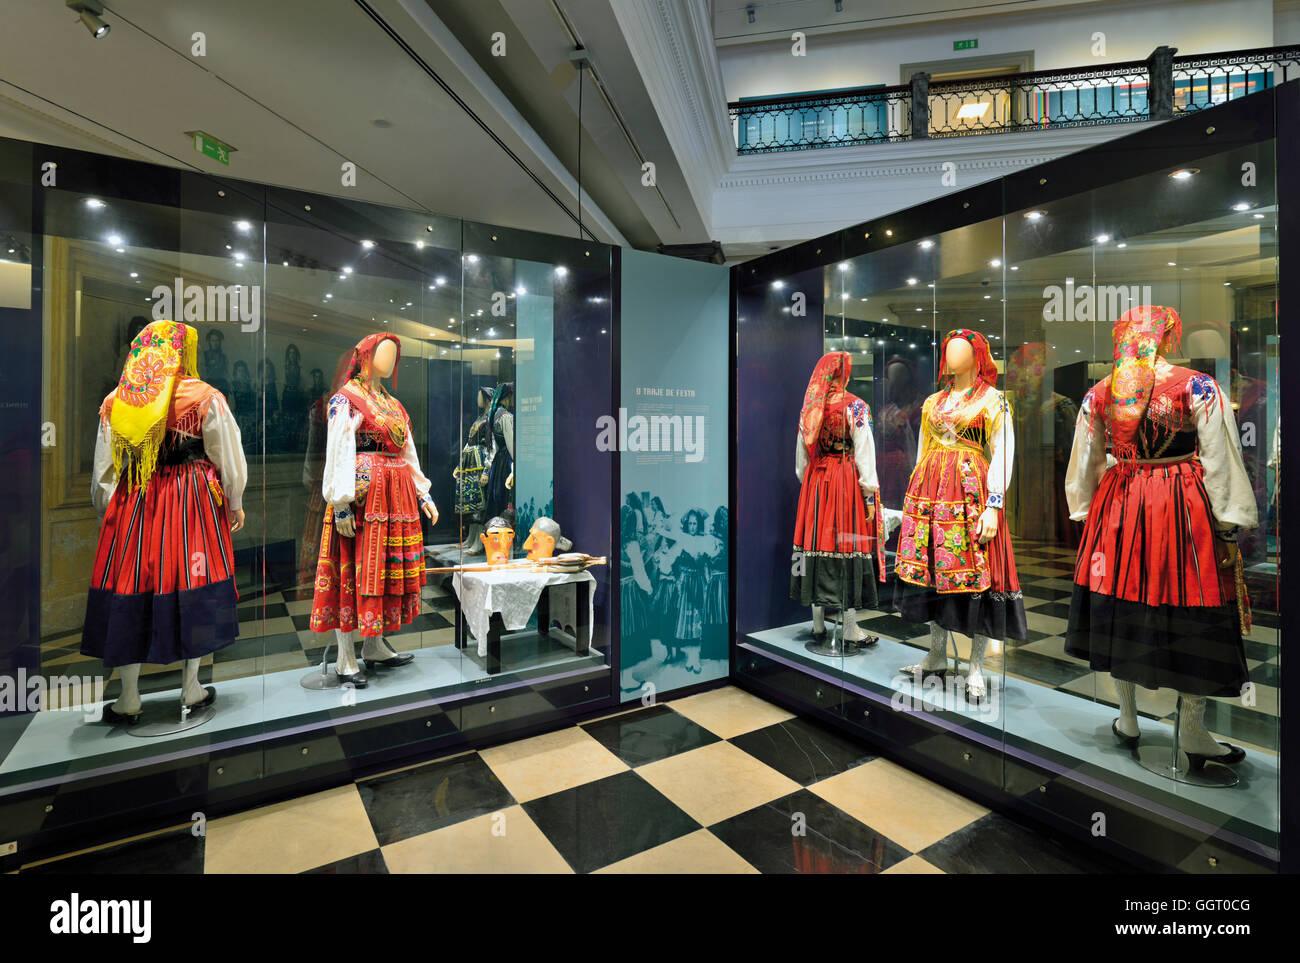 Portugal, Minho: Varios trajes tradicionales en una vitrina de vidrio del Museu do Traje en Viana do Castelo Imagen De Stock